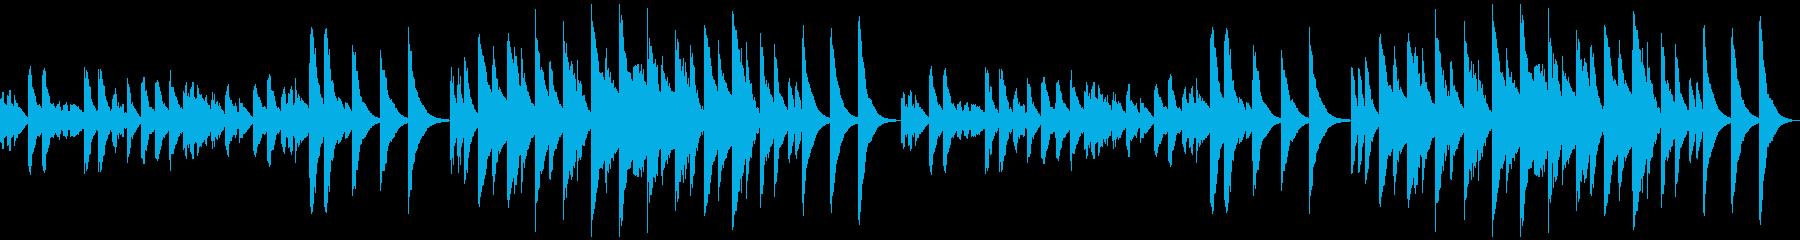 3分クッキングの原曲(マリンバ)ループの再生済みの波形